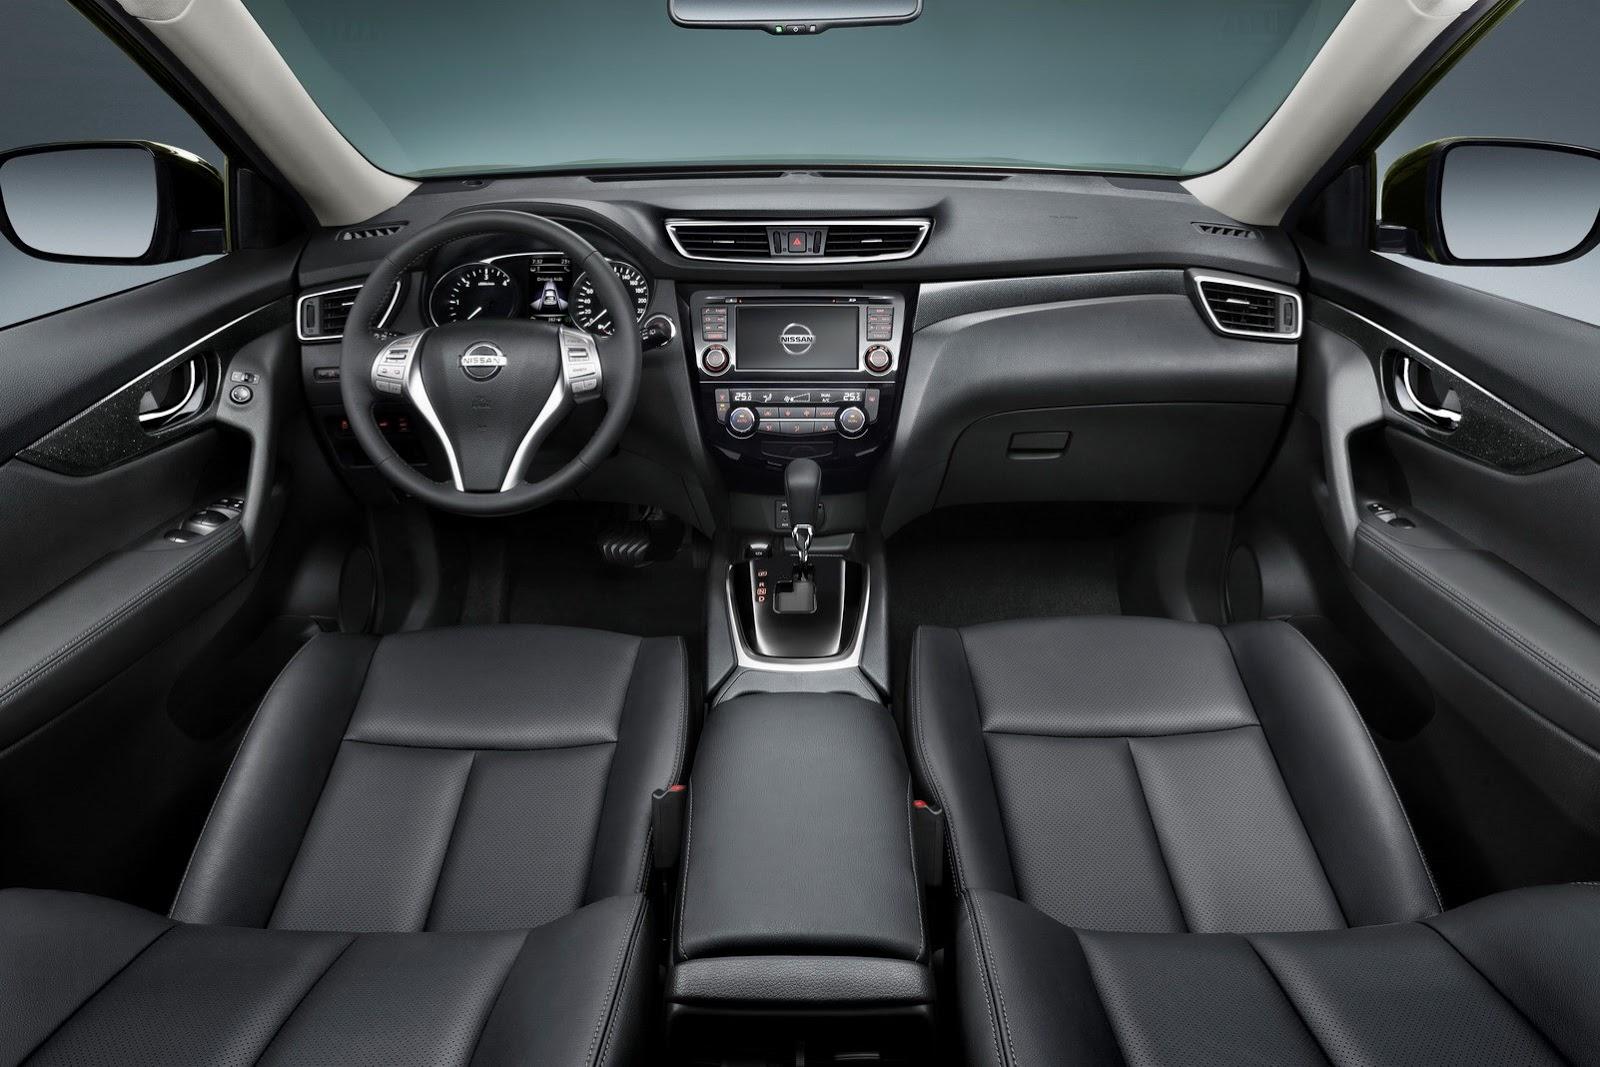 2014-Nissan-X-Trail-Rogue-20%25255B2%25255D.jpg